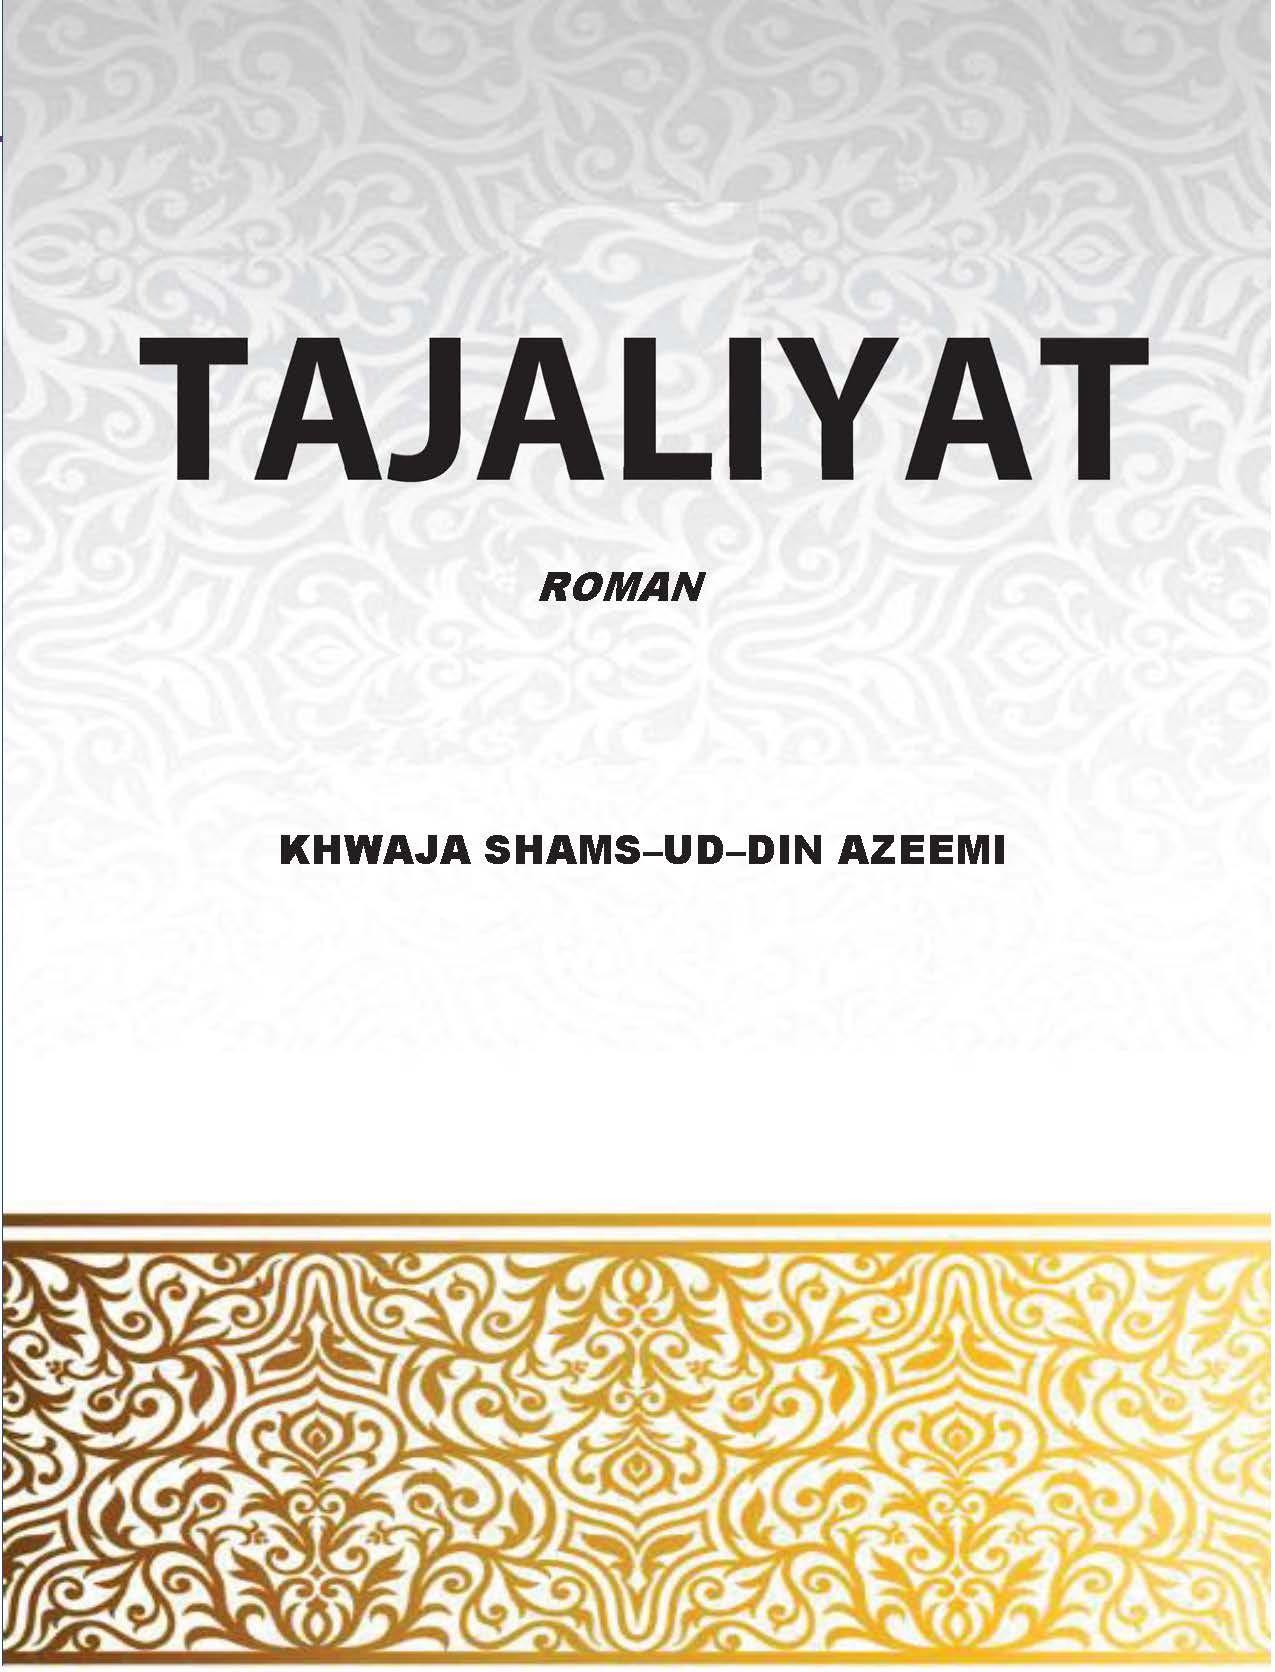 Tajaliyat - Roman